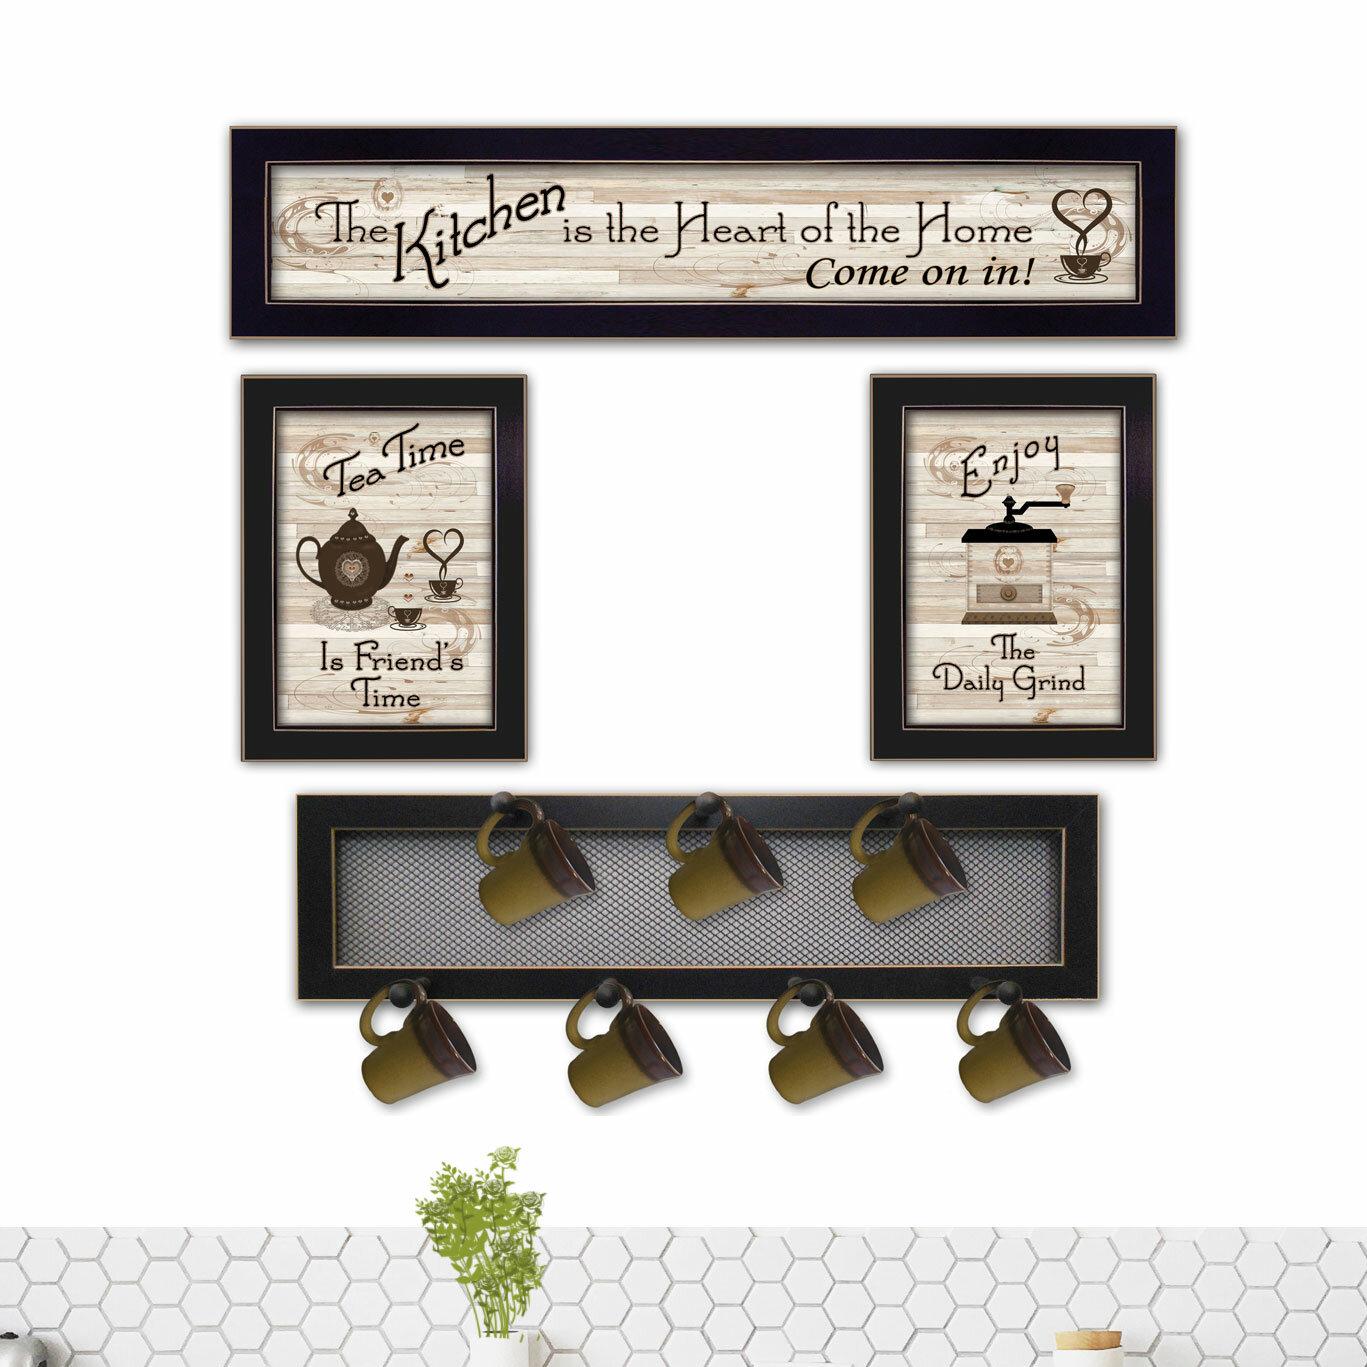 August grove 4 piece kitchen wall décor set reviews wayfair